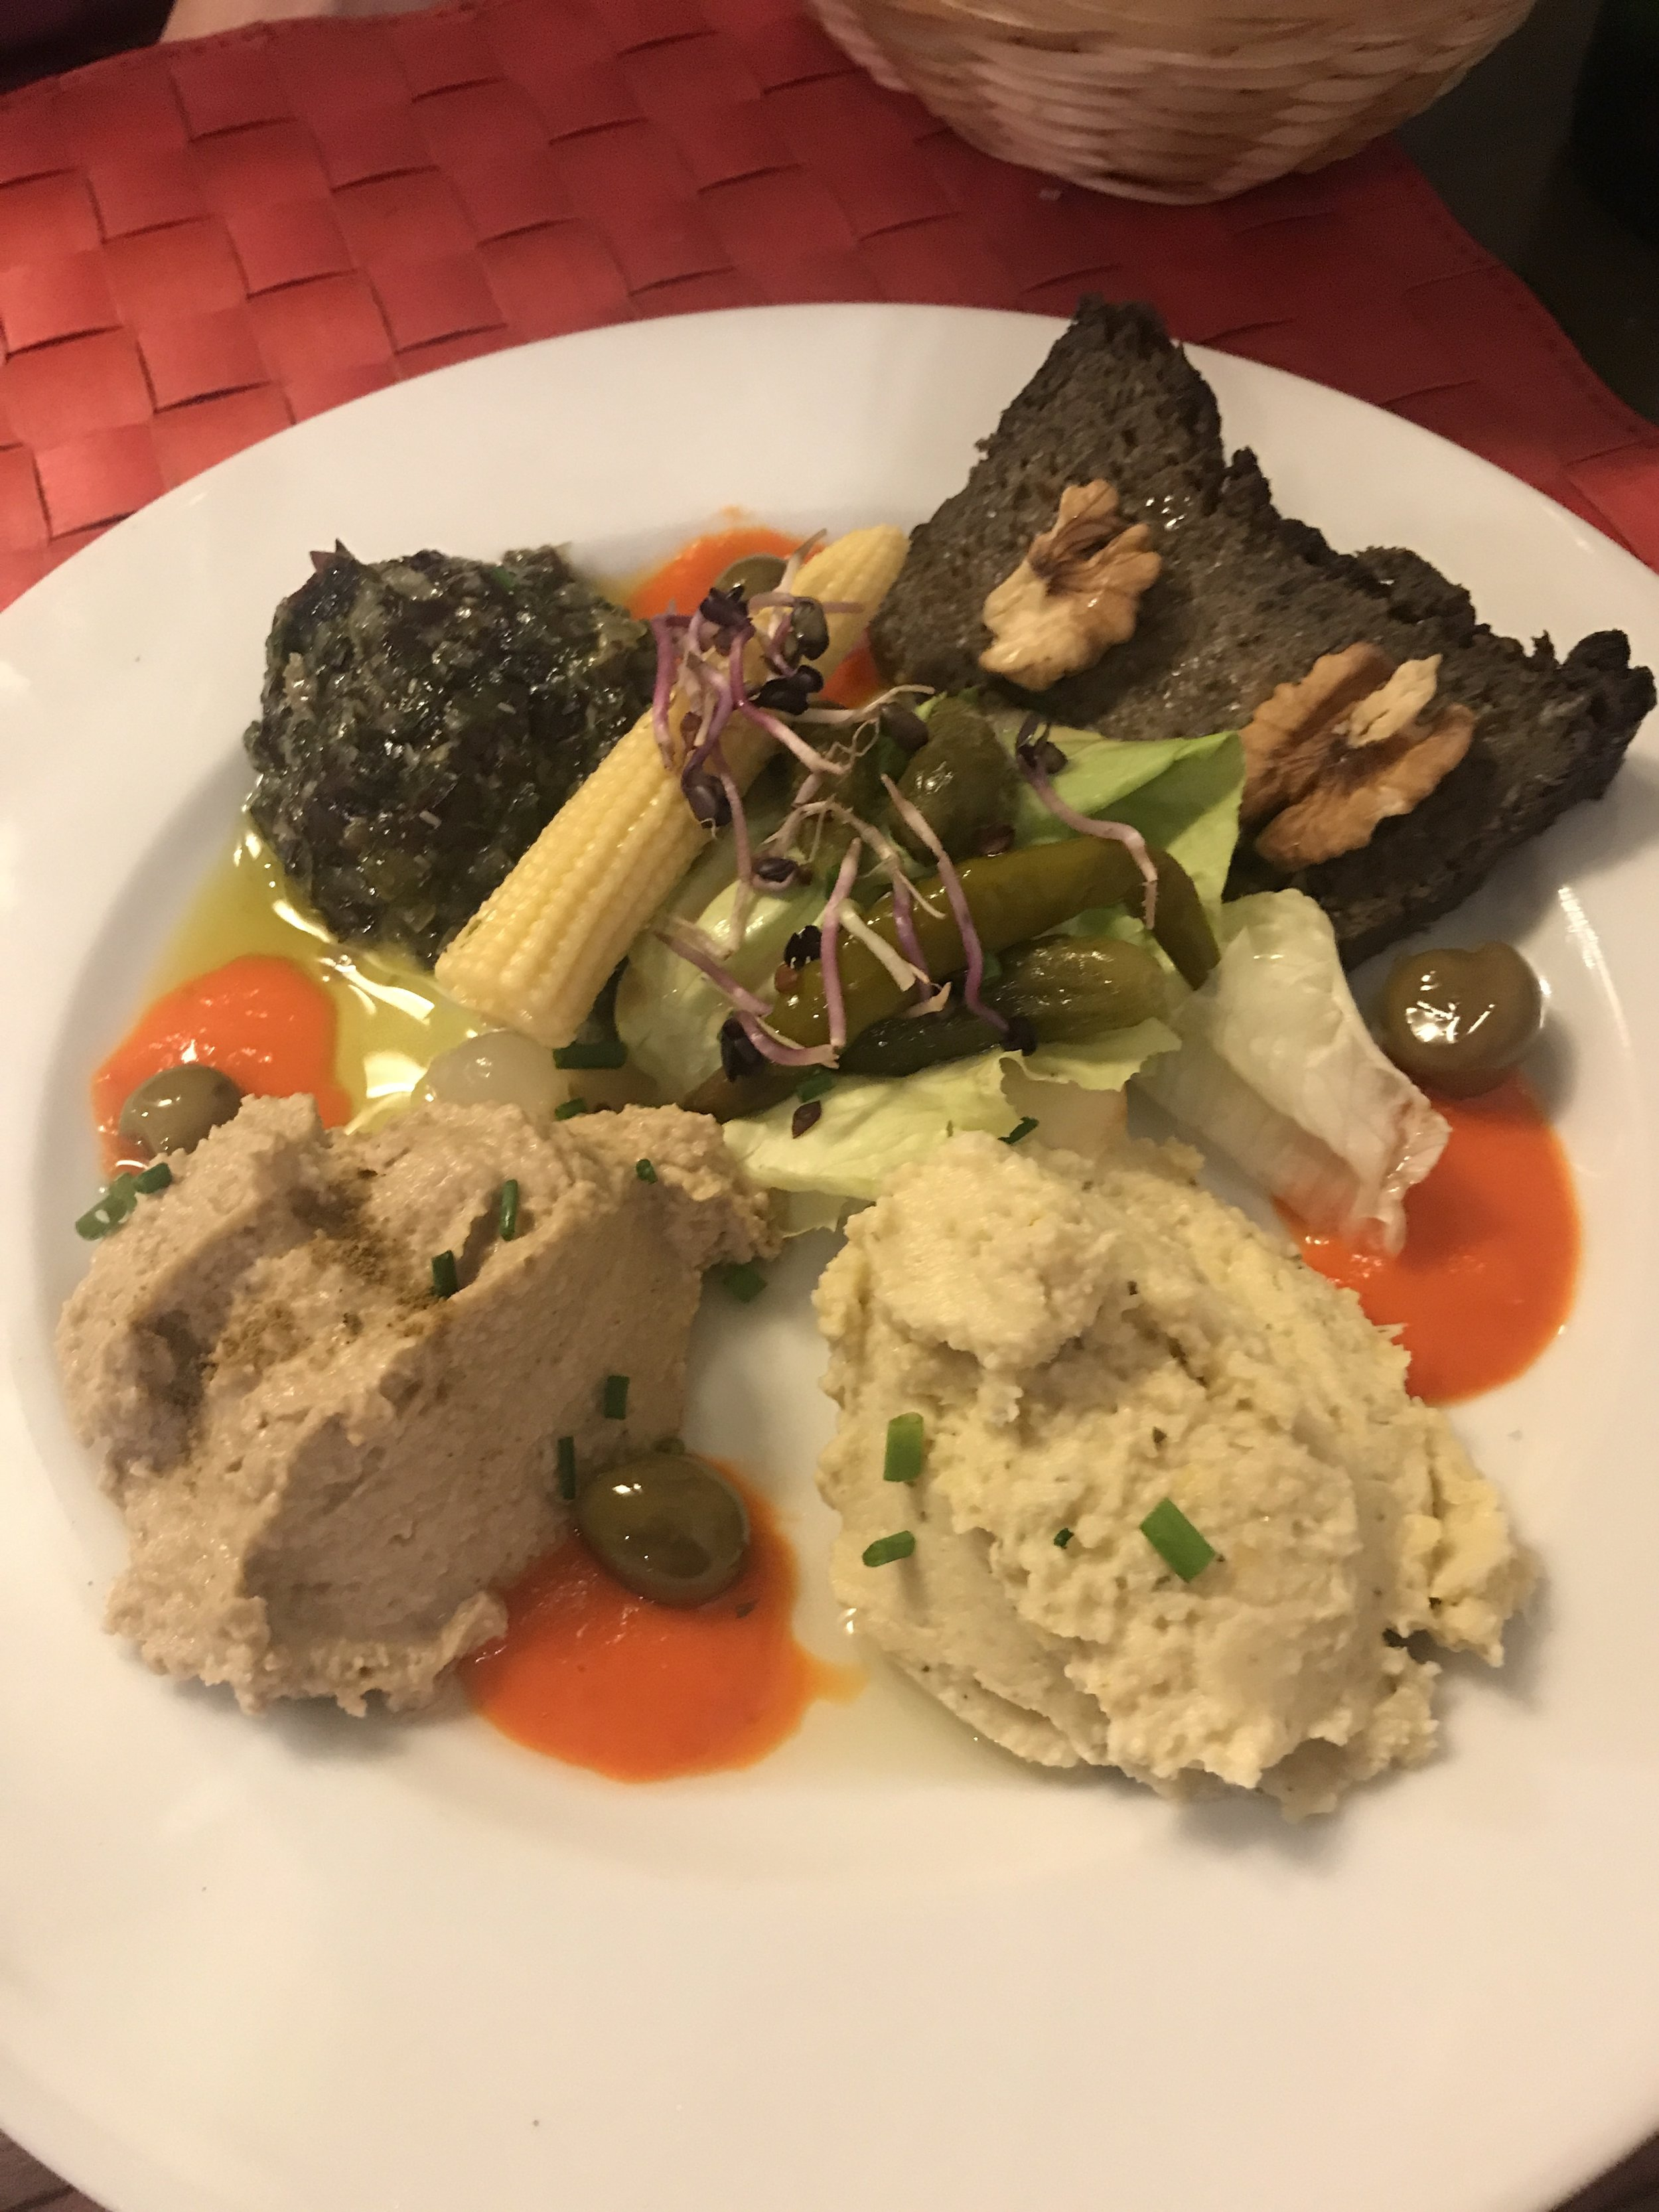 Vegan Assiette de Tartinades (Purée de pois chiches, Pâté forestier, Caviar d'aubergines et Tartare d'algues)